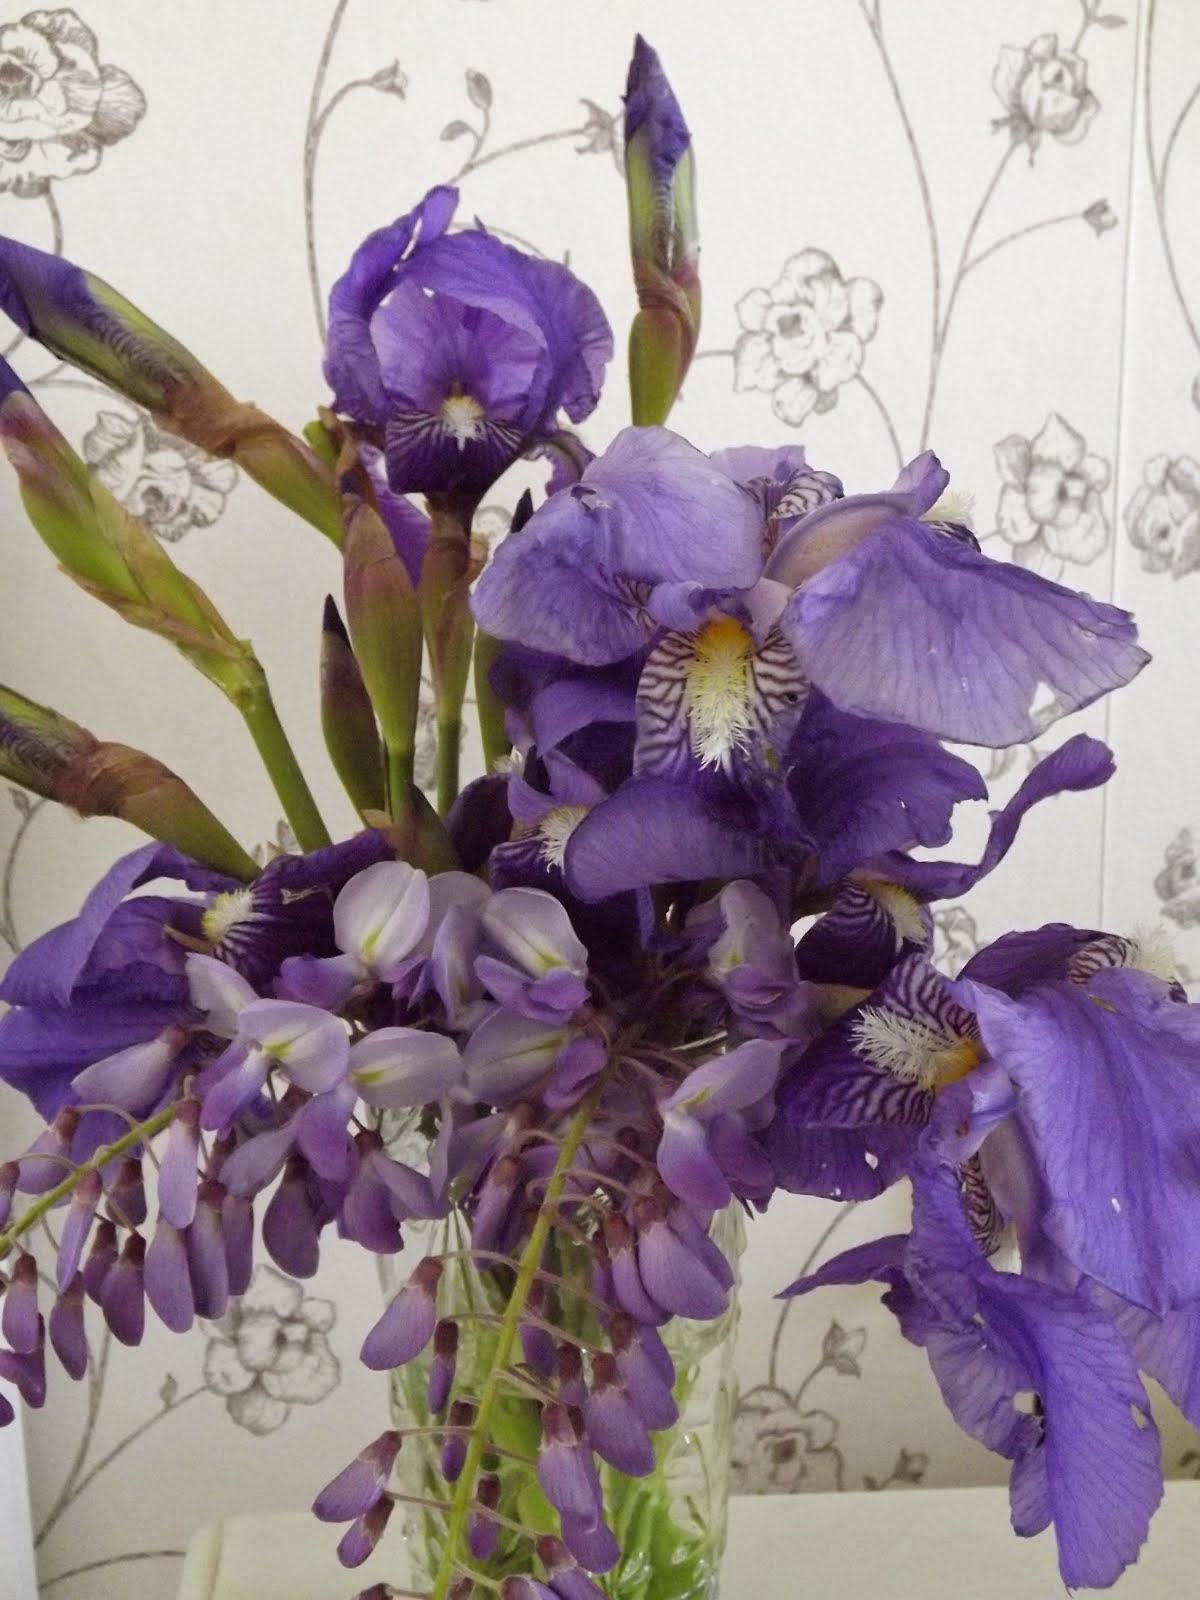 Con sus ramos de lilas...